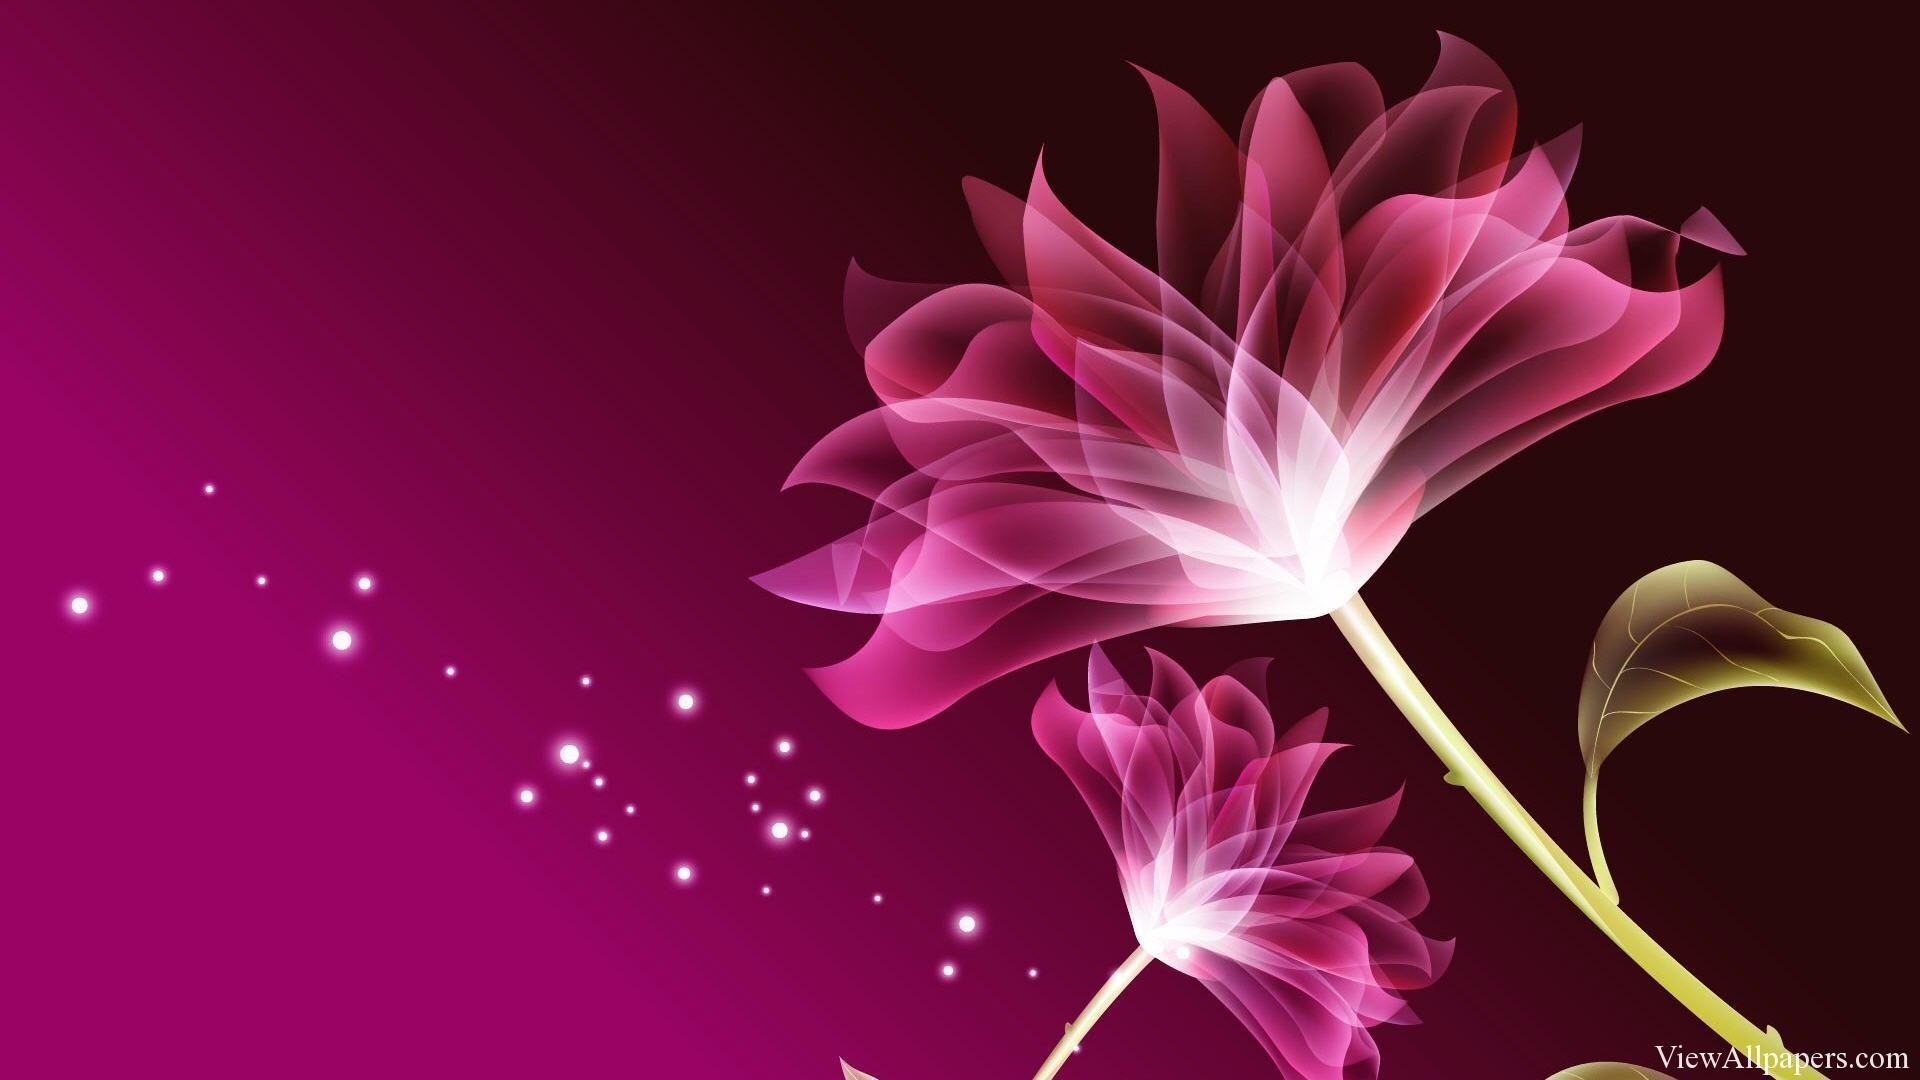 Beautiful Flower Wallpapers Wallpapersafari